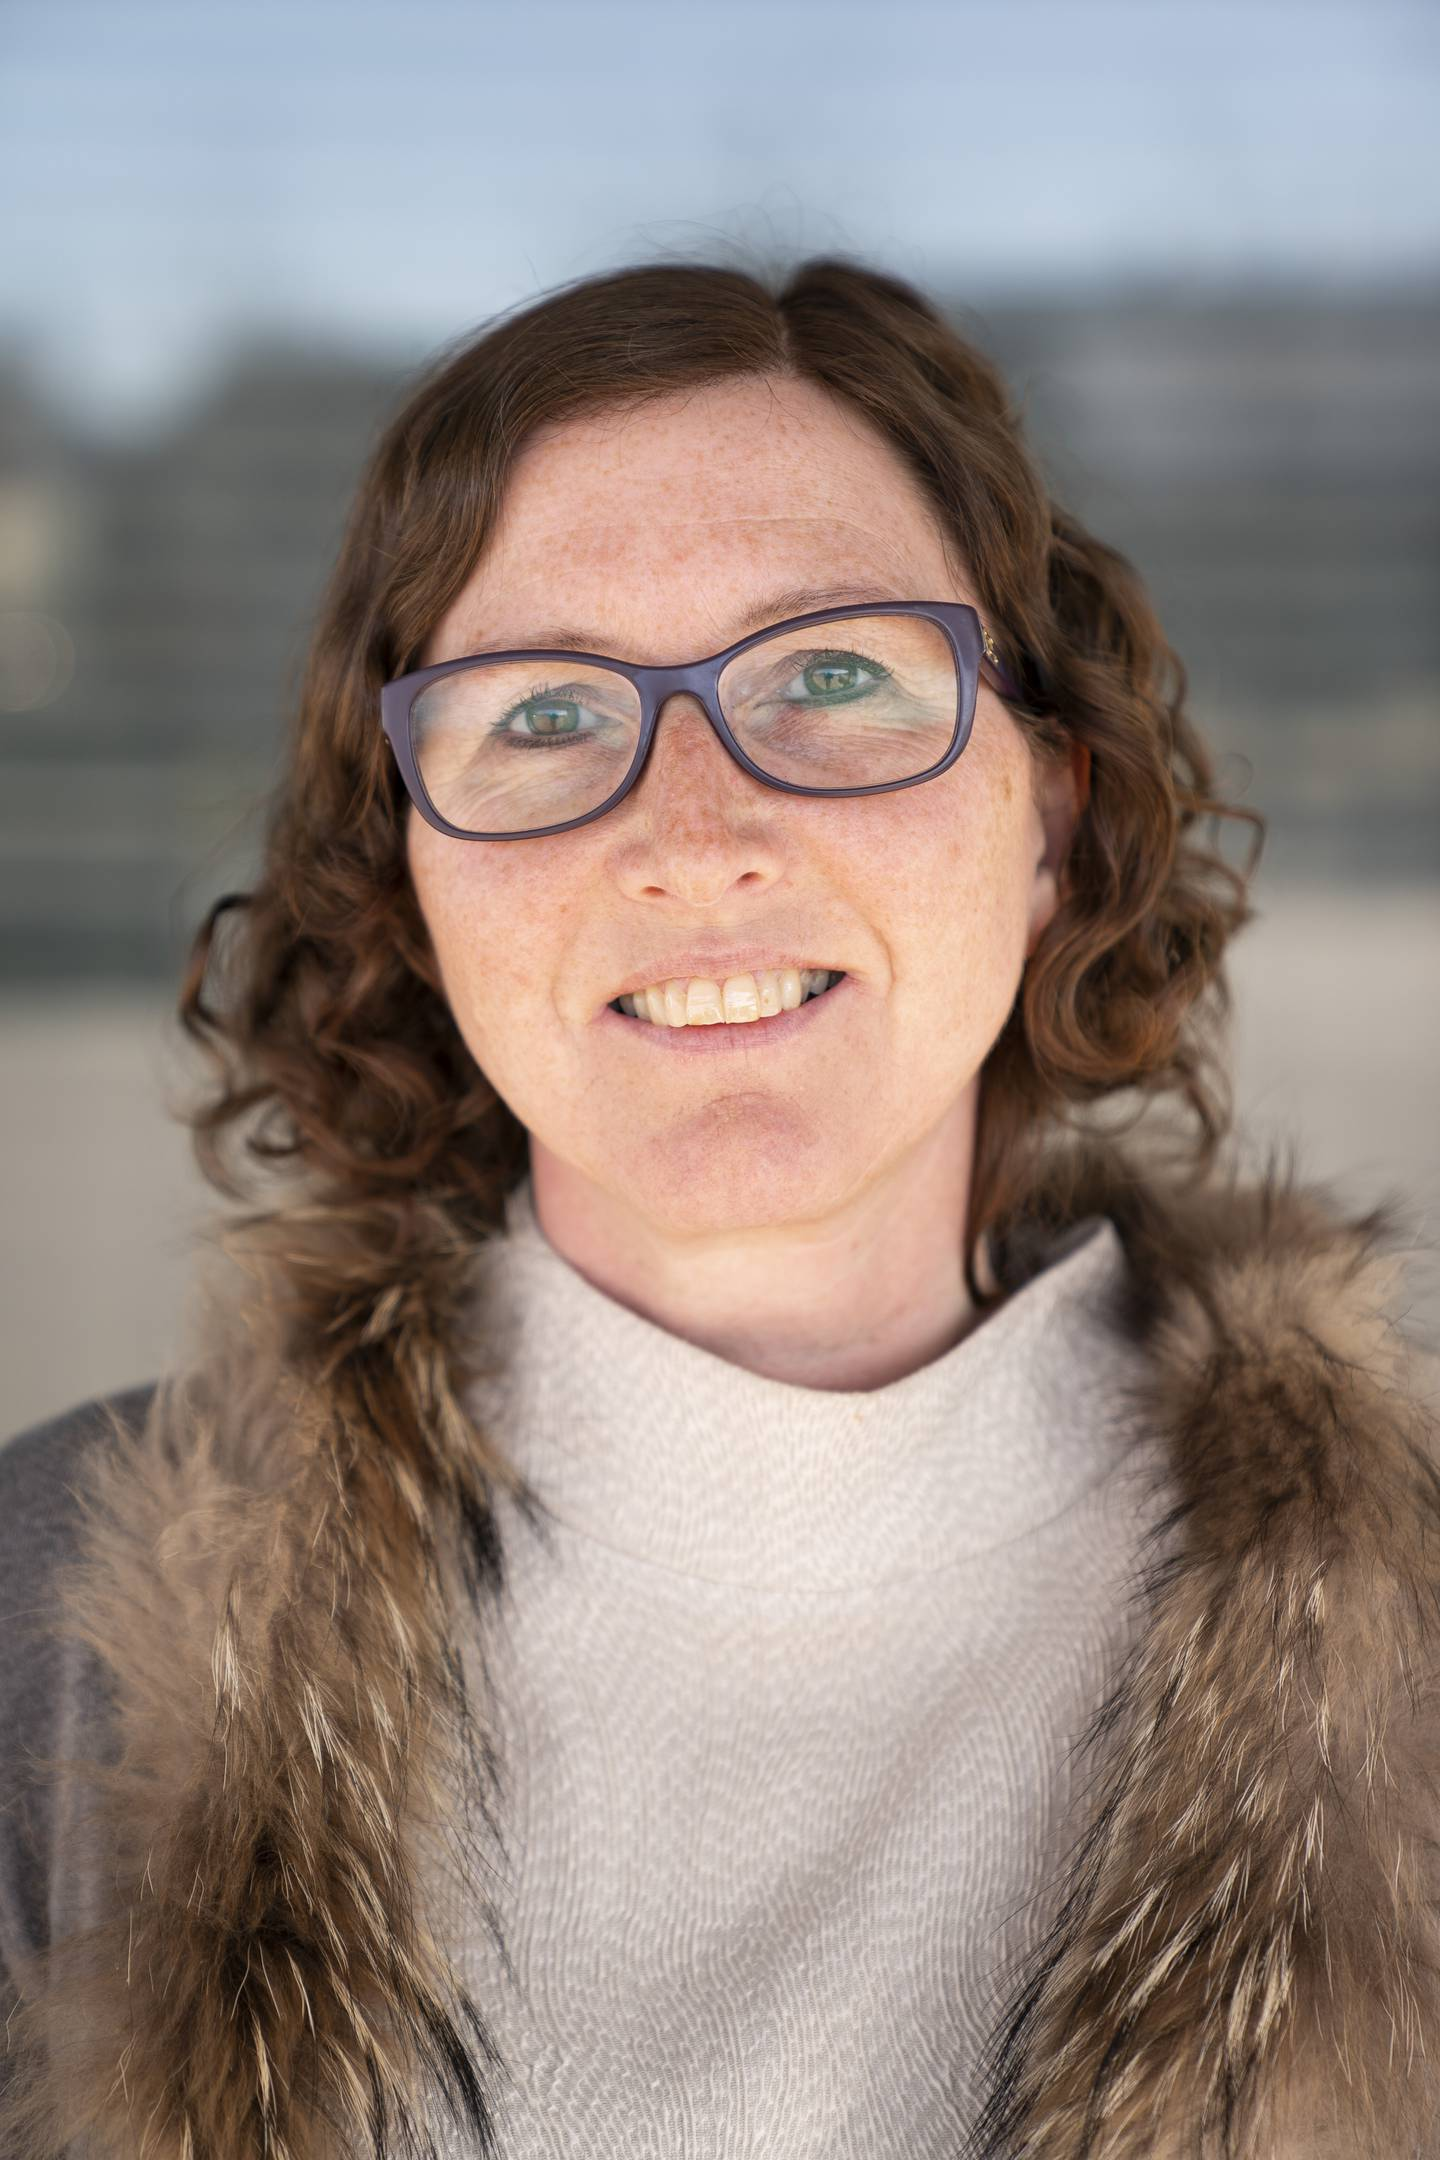 Liv Osnes Dalbakken skrev Kunsten å tro, om en tankevekkende trosdiskusjon i klassen sin på Ulstein vidaregåande skule. Nå har hun vunnet Vårt Lands tekstkonkurranse, Hev stemmen.